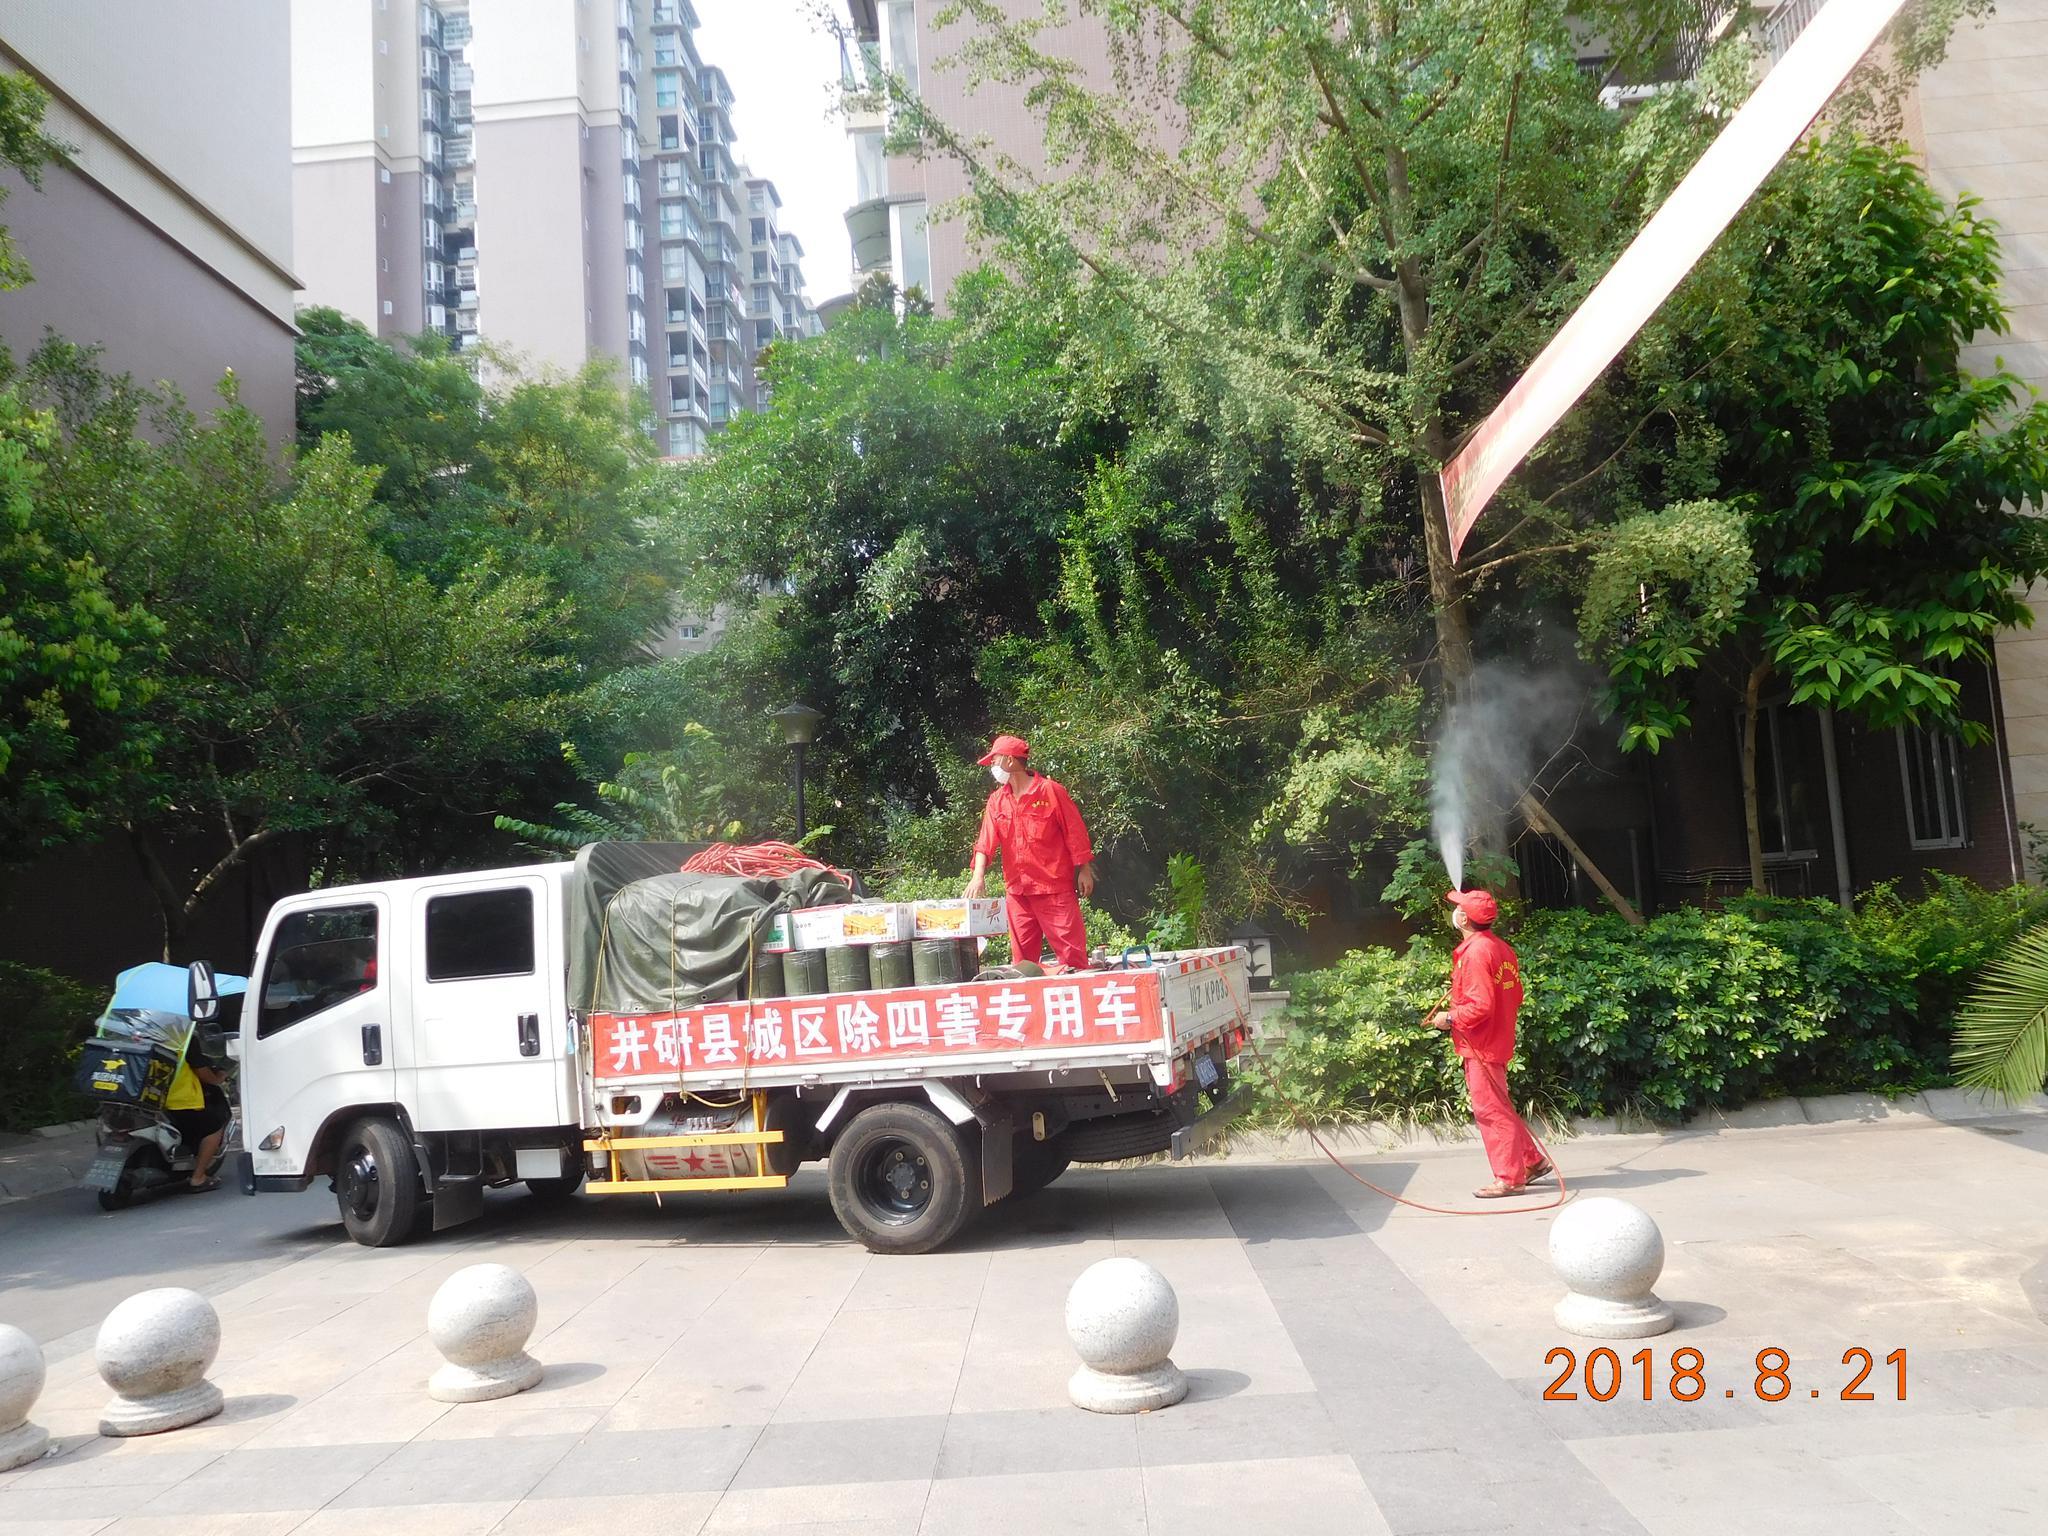 四川锦辰生物科技股份有限公司高科技灭鼠虫害创健康舒适环境